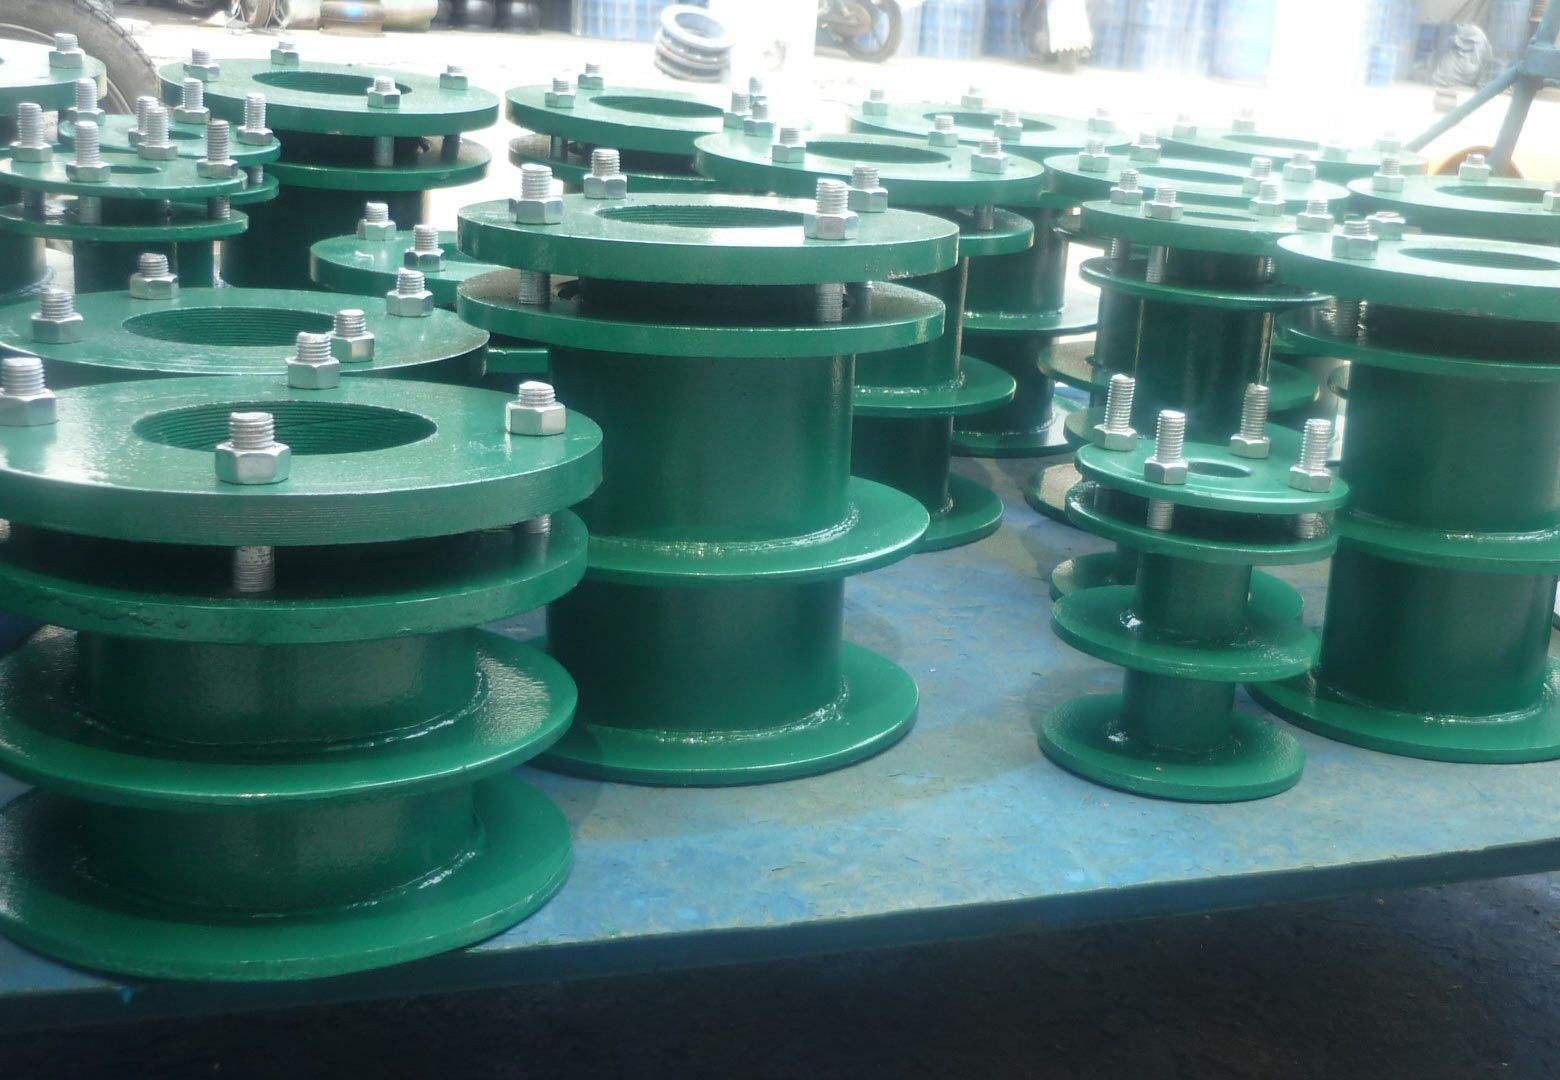 石嘴山柔性防水套管,石嘴山市柔性防水套管厂家,柔性防水套管